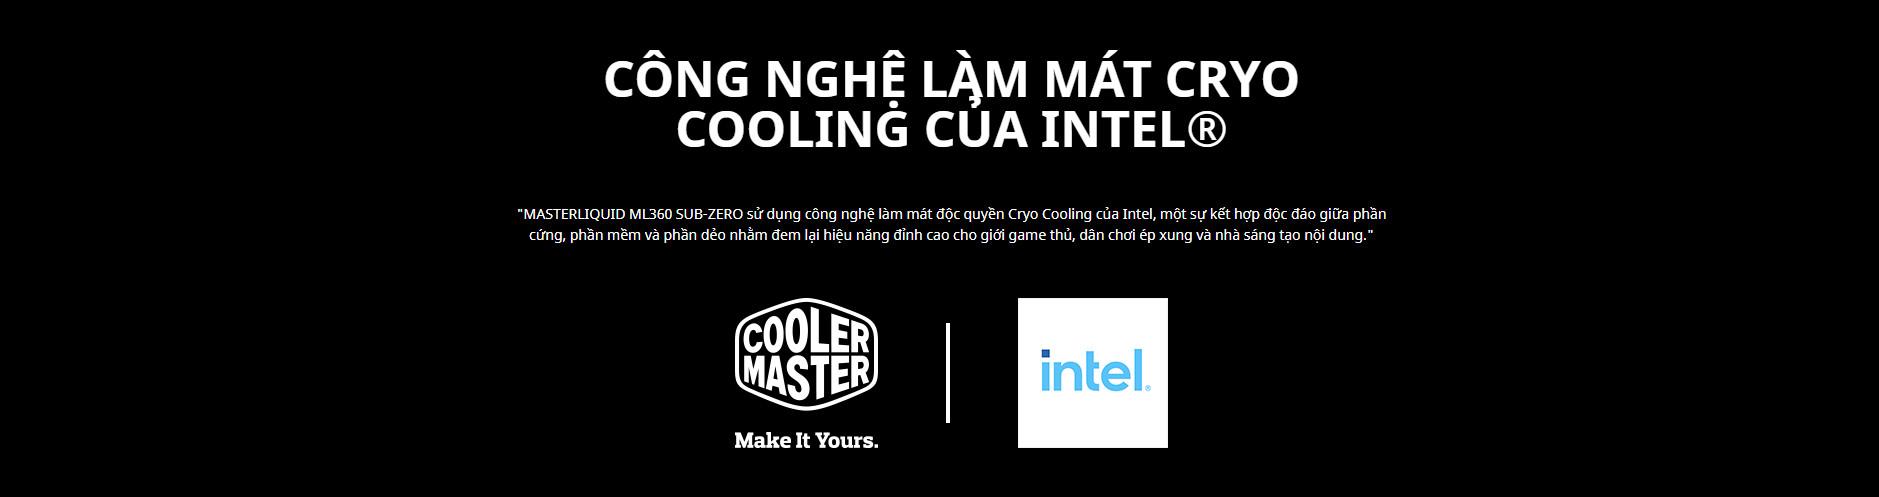 Tản nhiệt nước Cooler Master ML360 SUB - ZERO với CÔNG NGHỆ LÀM MÁT CRYO COOLING CỦA INTEL®